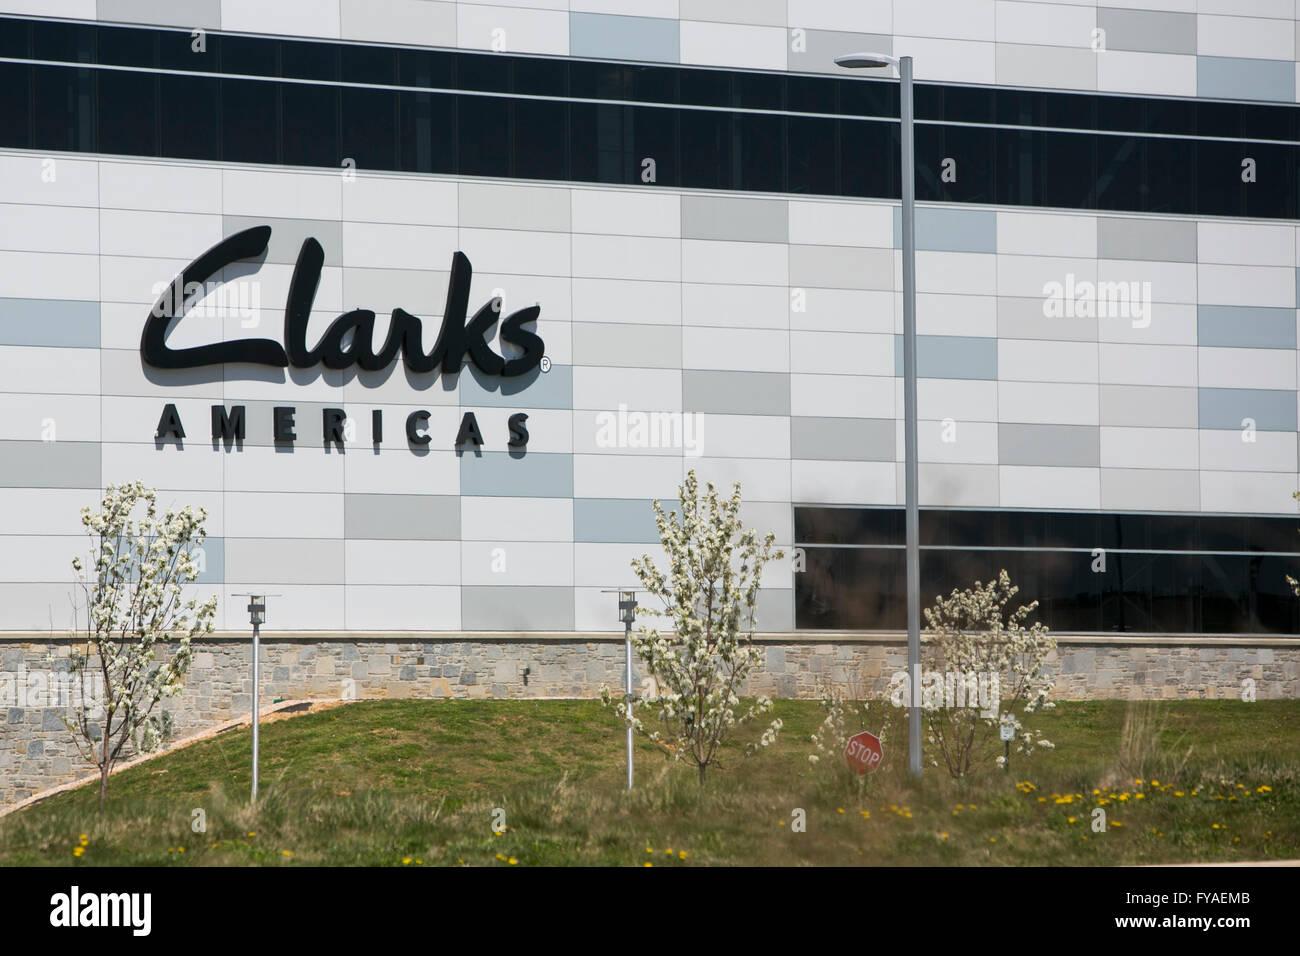 Un segno del logo al di fuori di una struttura occupata dal produttore di scarpe Clarks Americas in Hannover, Pensilvania Foto Stock